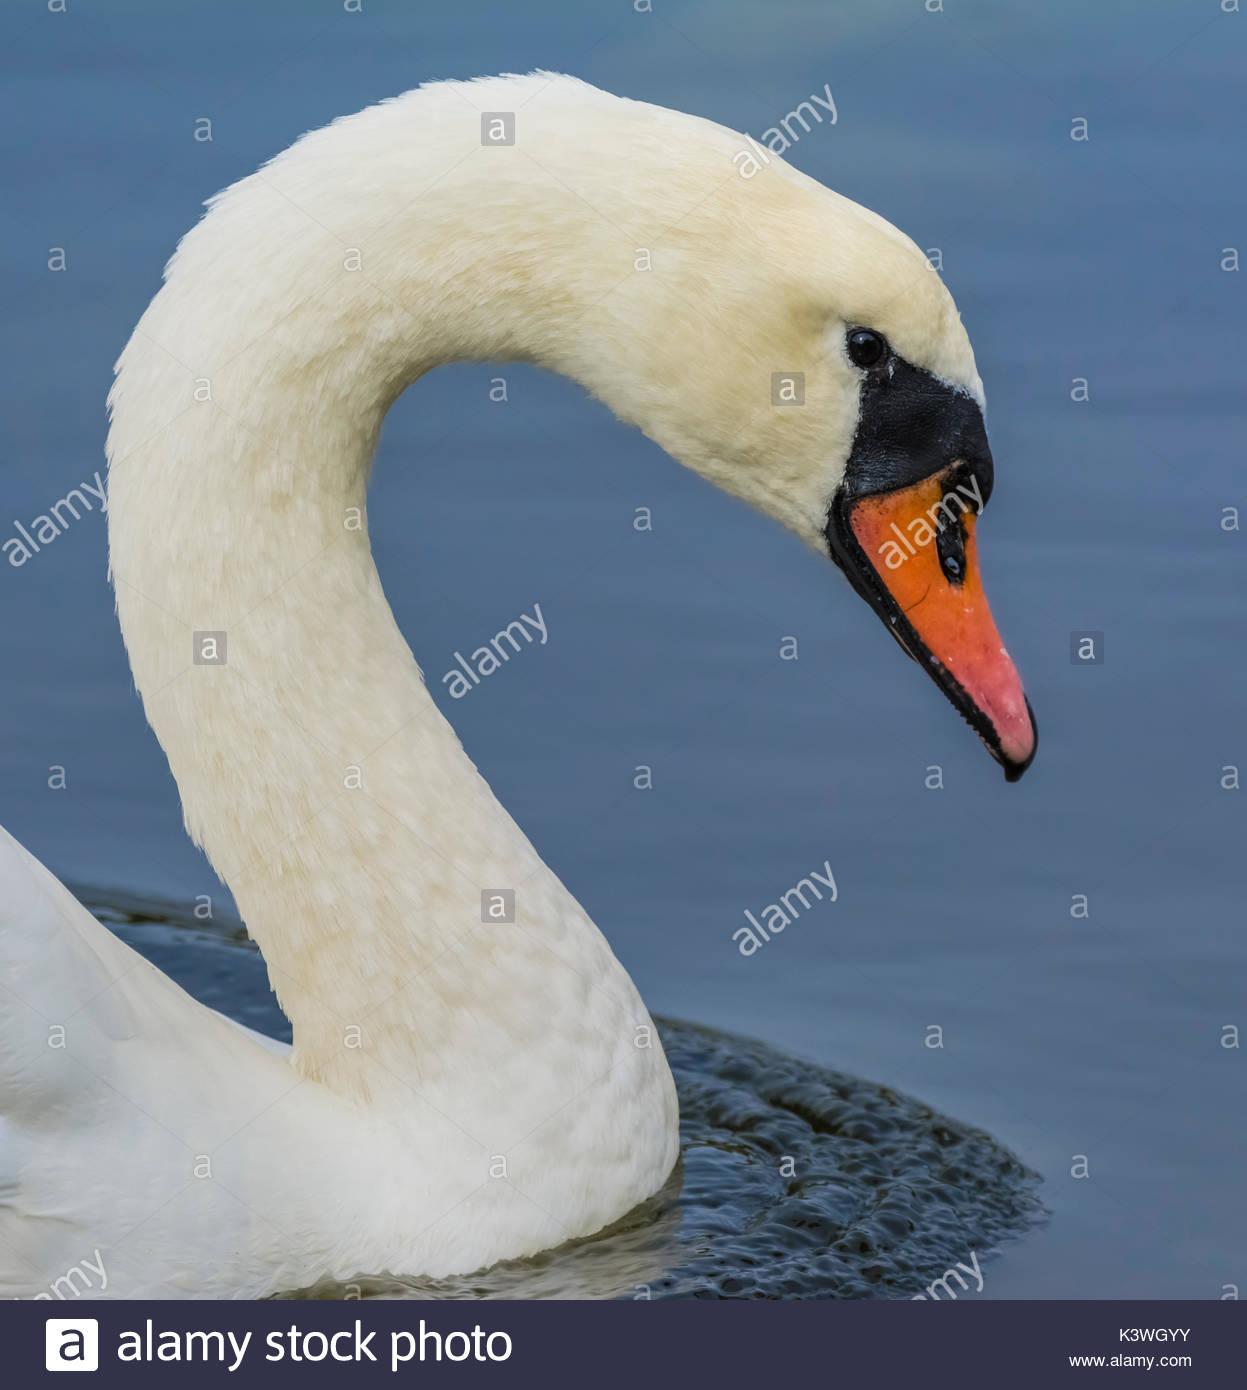 Bianco Cigno (Cygnus olor) della testa e del collo dalla vista laterale, Nuotare nelle calme acque blu nel Regno Unito, in verticale. Immagini Stock